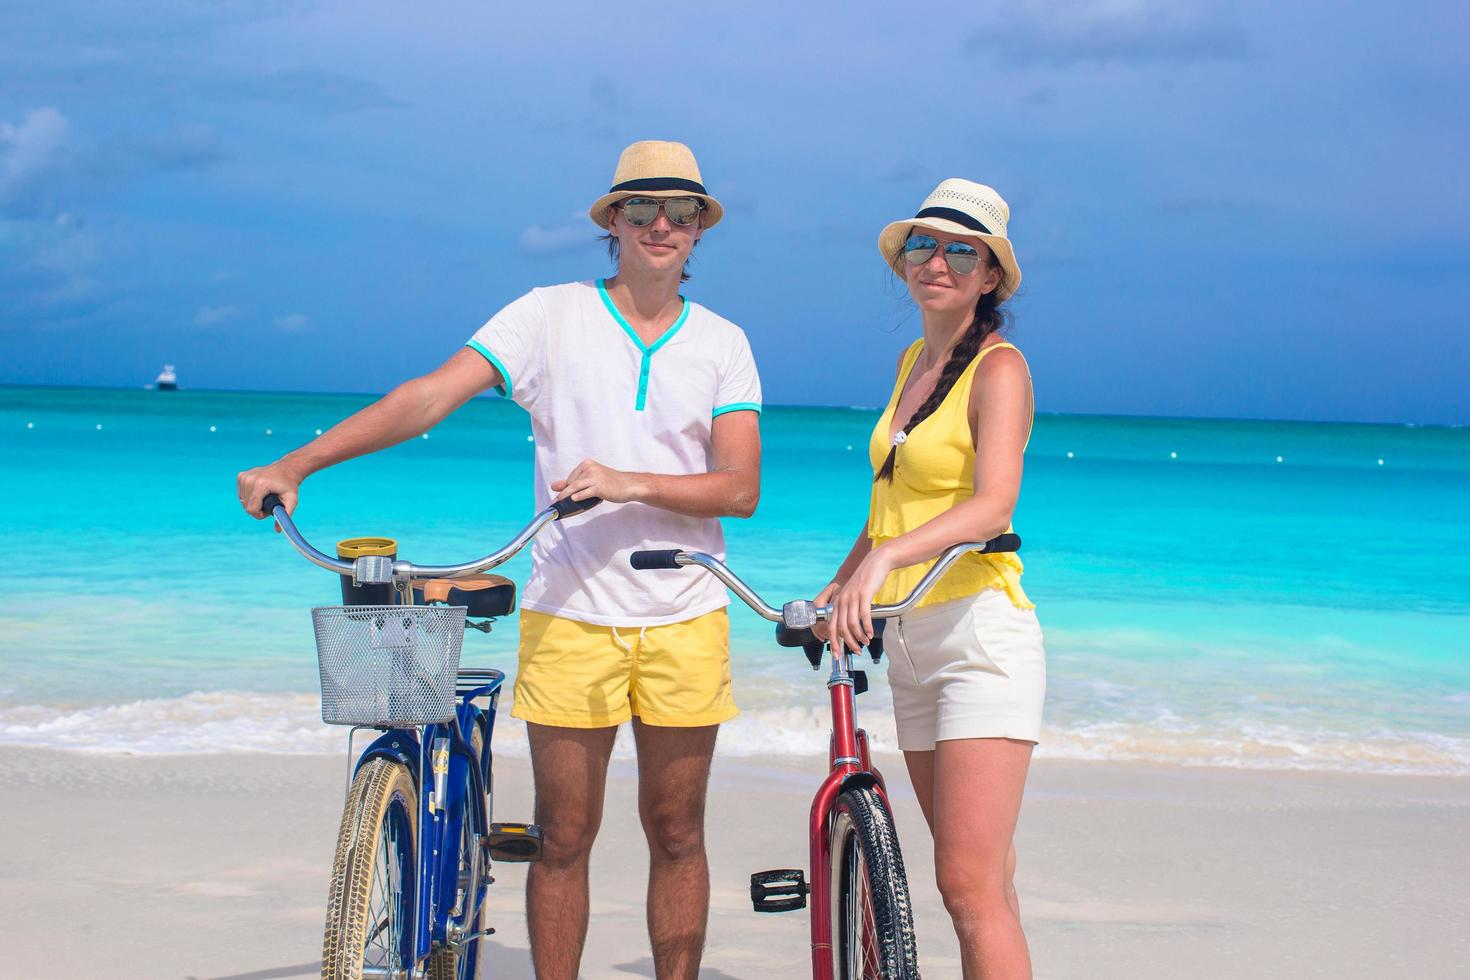 glückliches Paar mit Fahrrädern an einem weißen Sandstrand foto